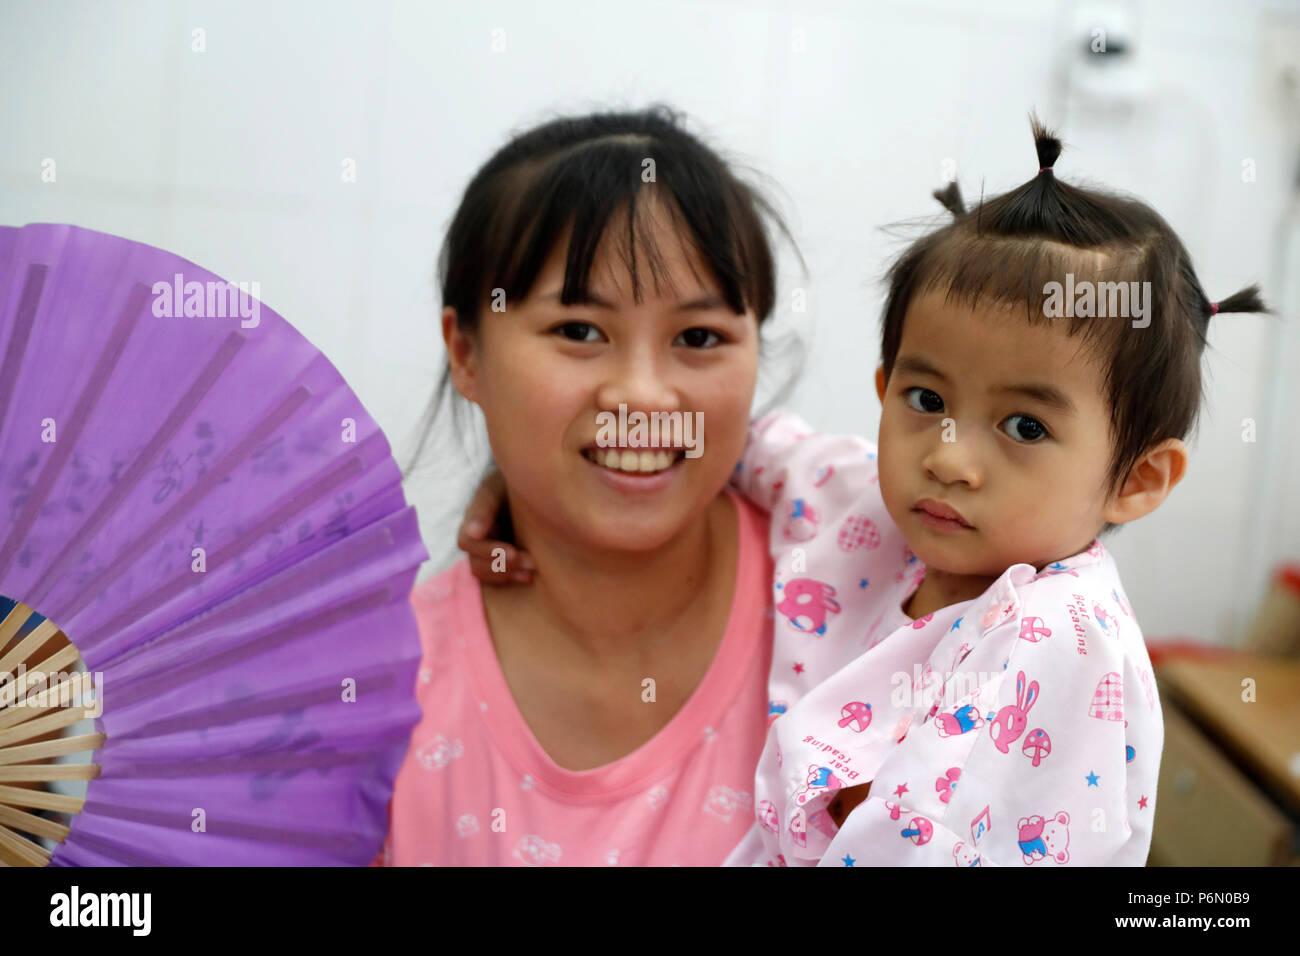 Tam Duc cardiologie Hôpital. Enfant souffrant de maladie cardiaque. Ho Chi Minh Ville. Le Vietnam. Photo Stock